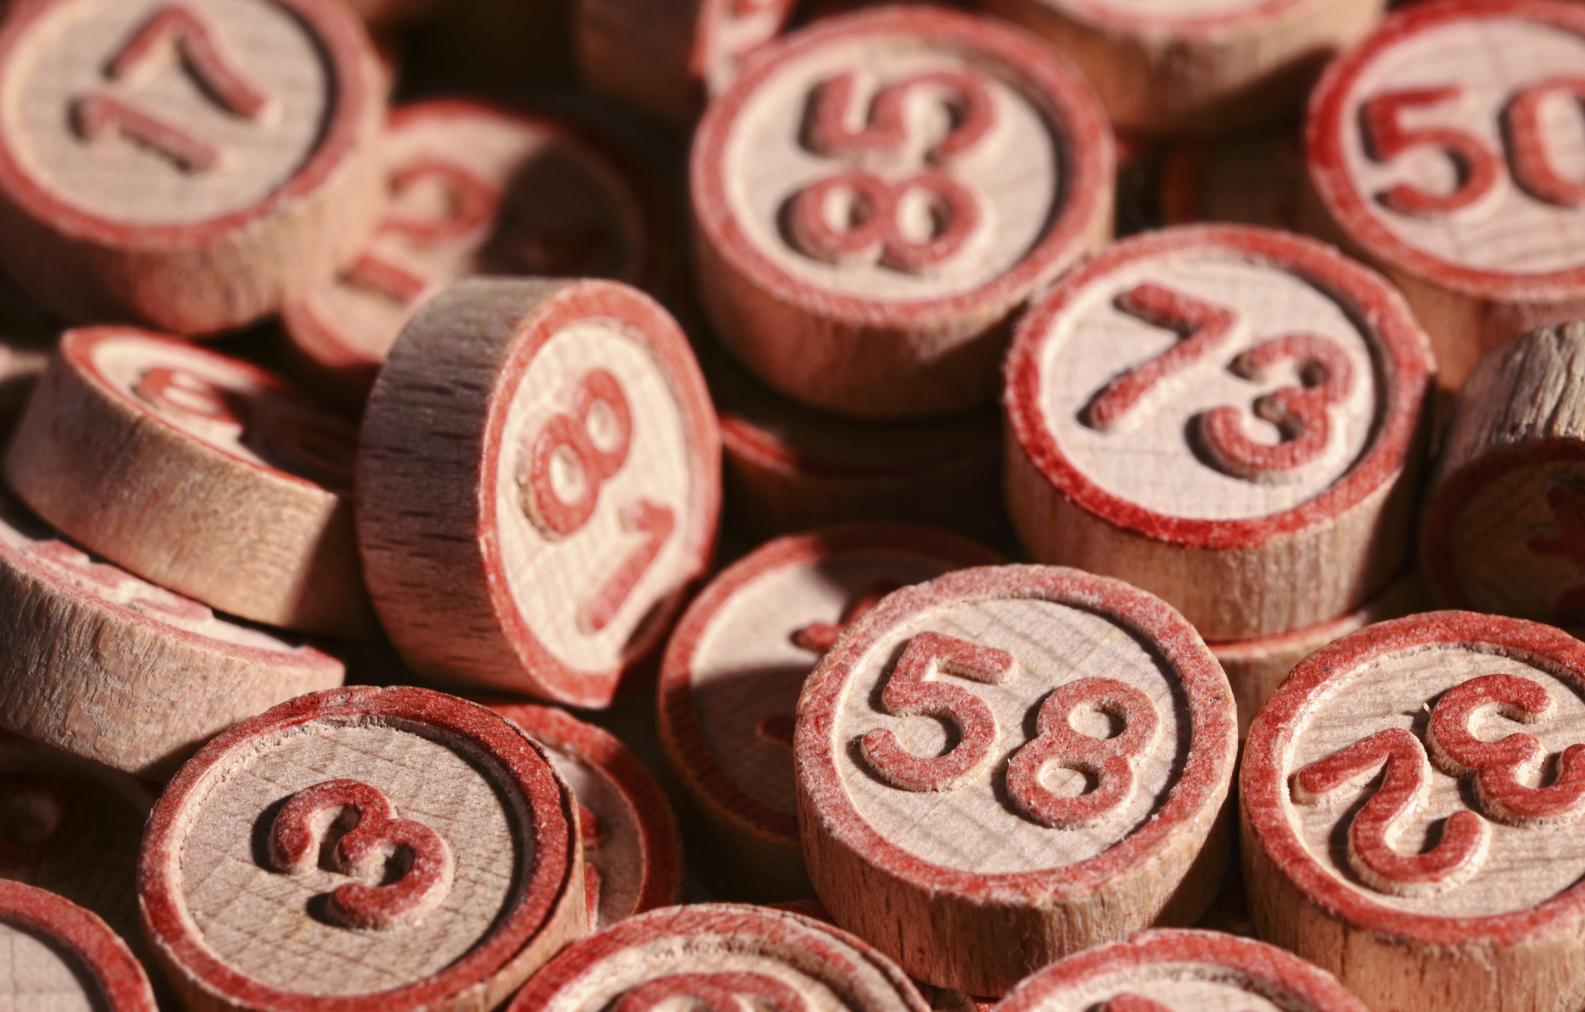 Lucky bingo numbers